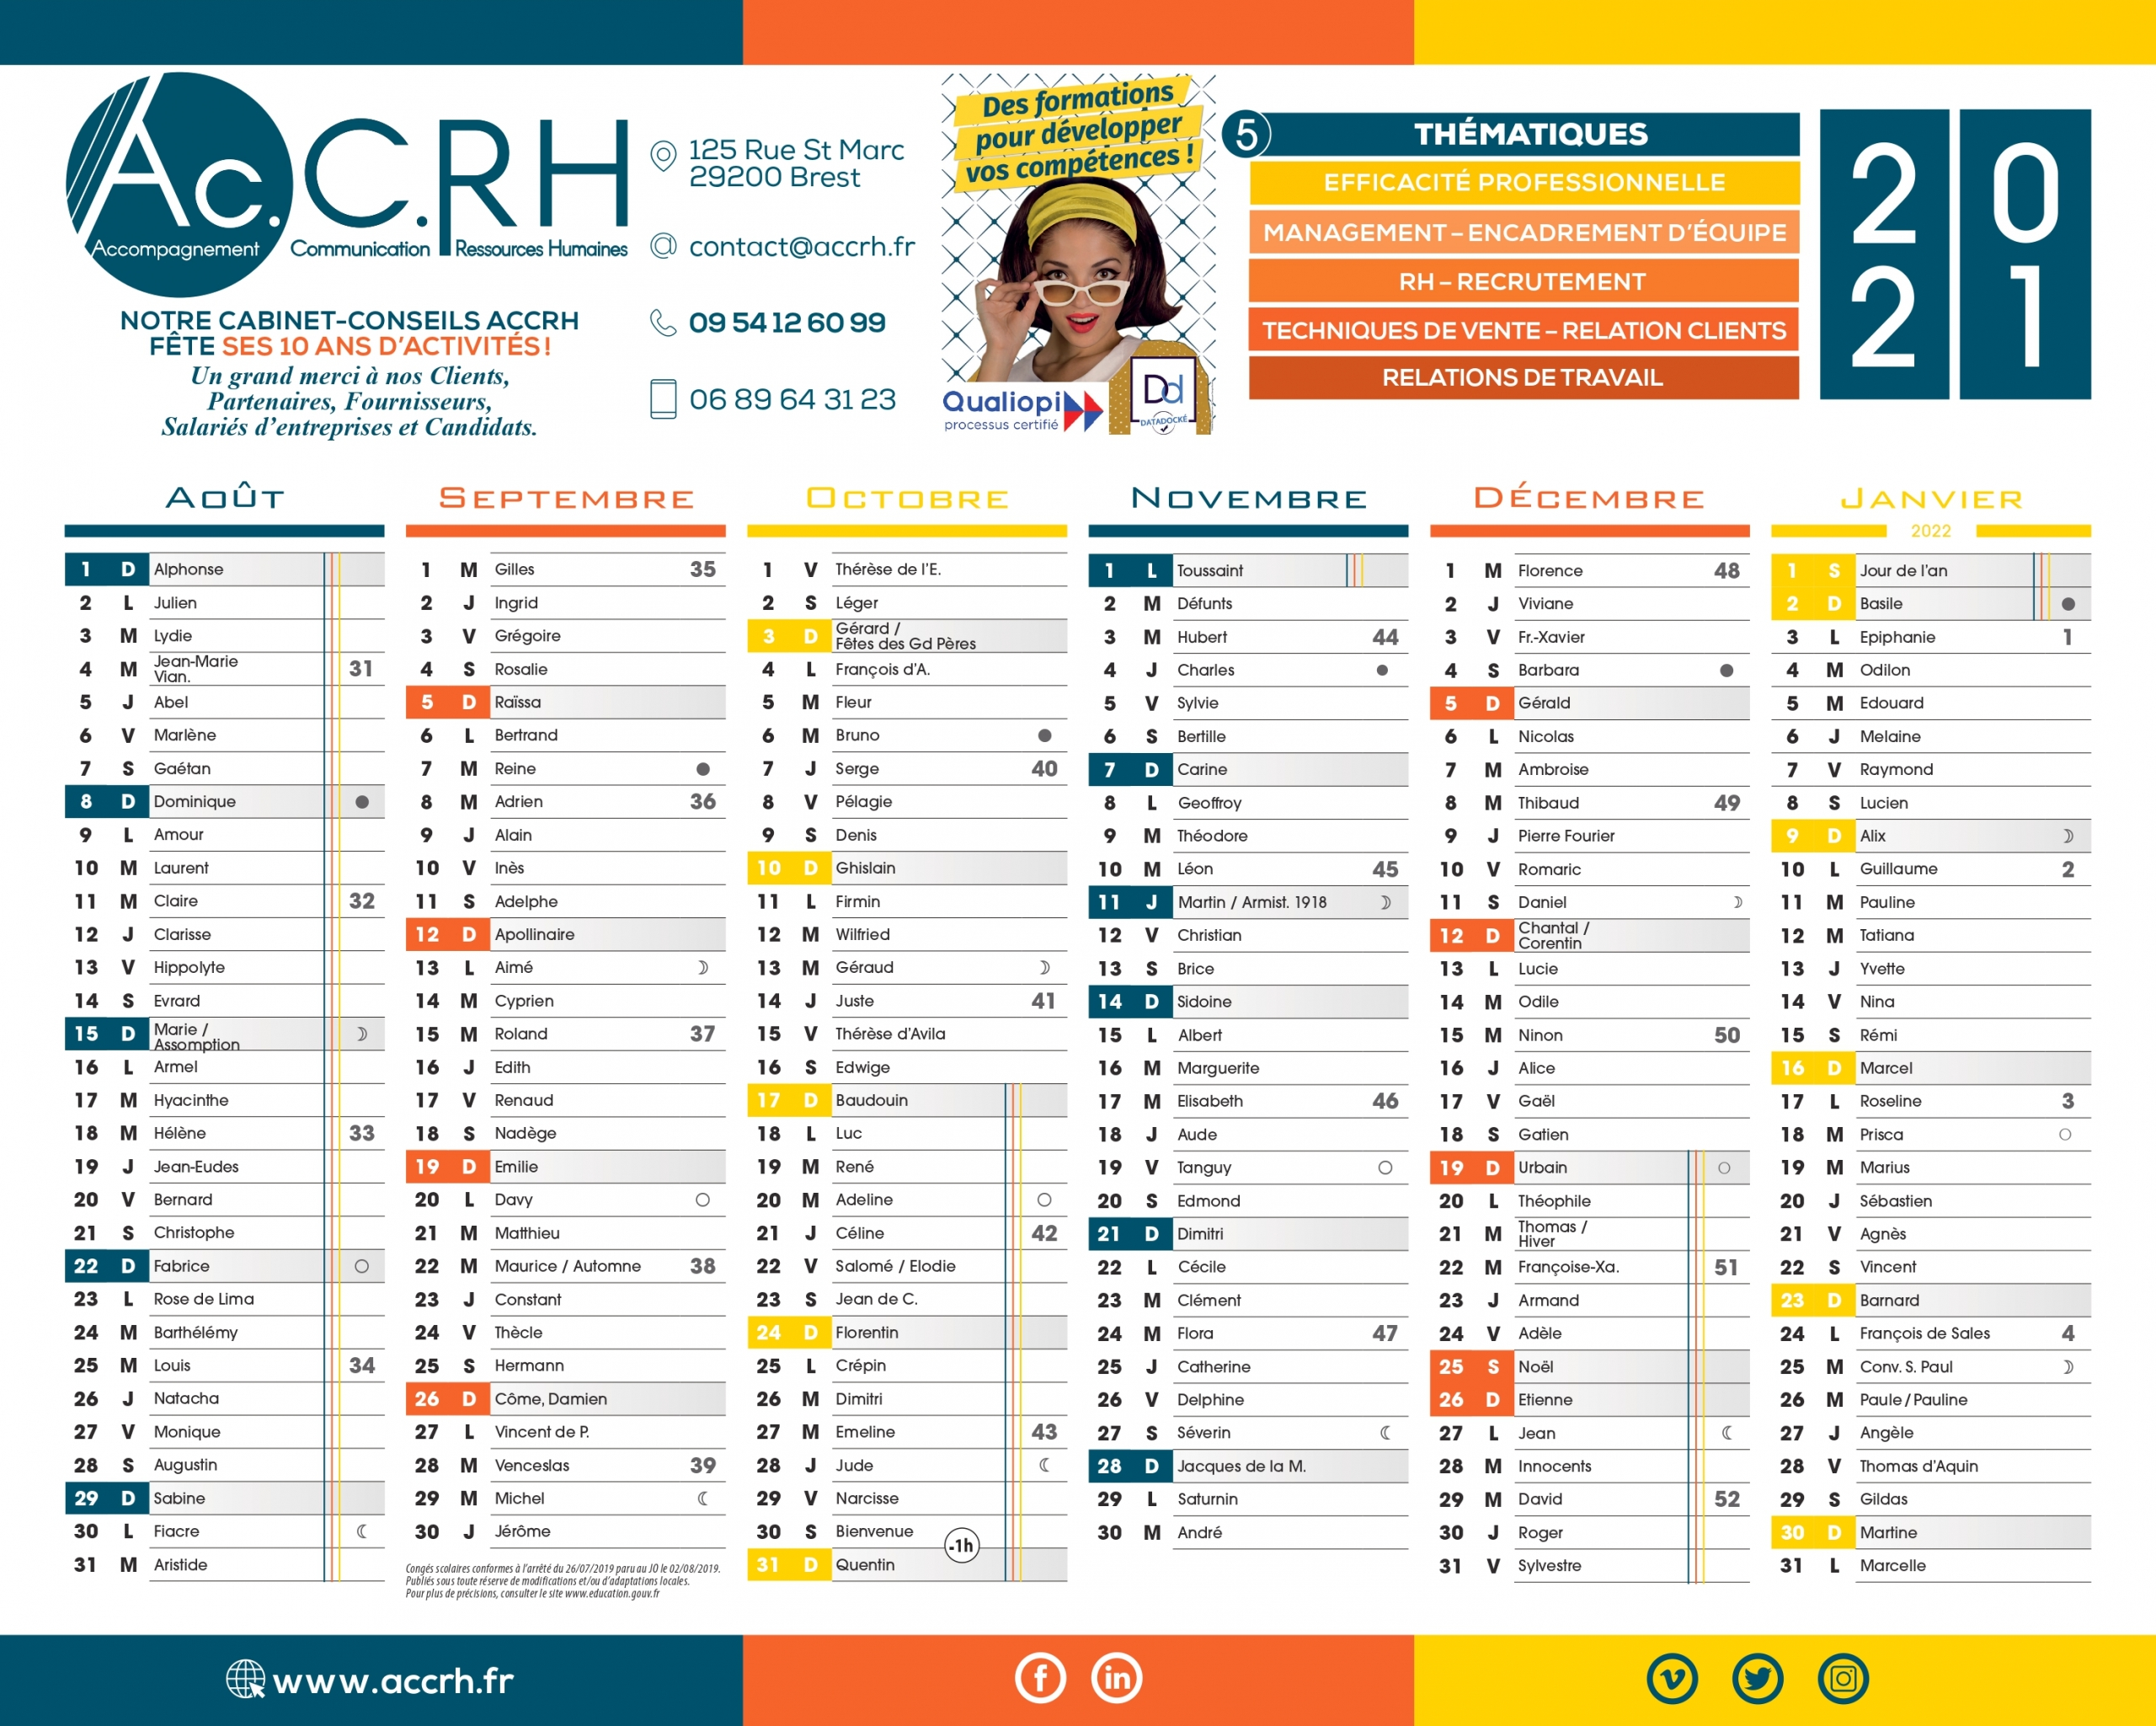 calendrier 2021 ACCRH